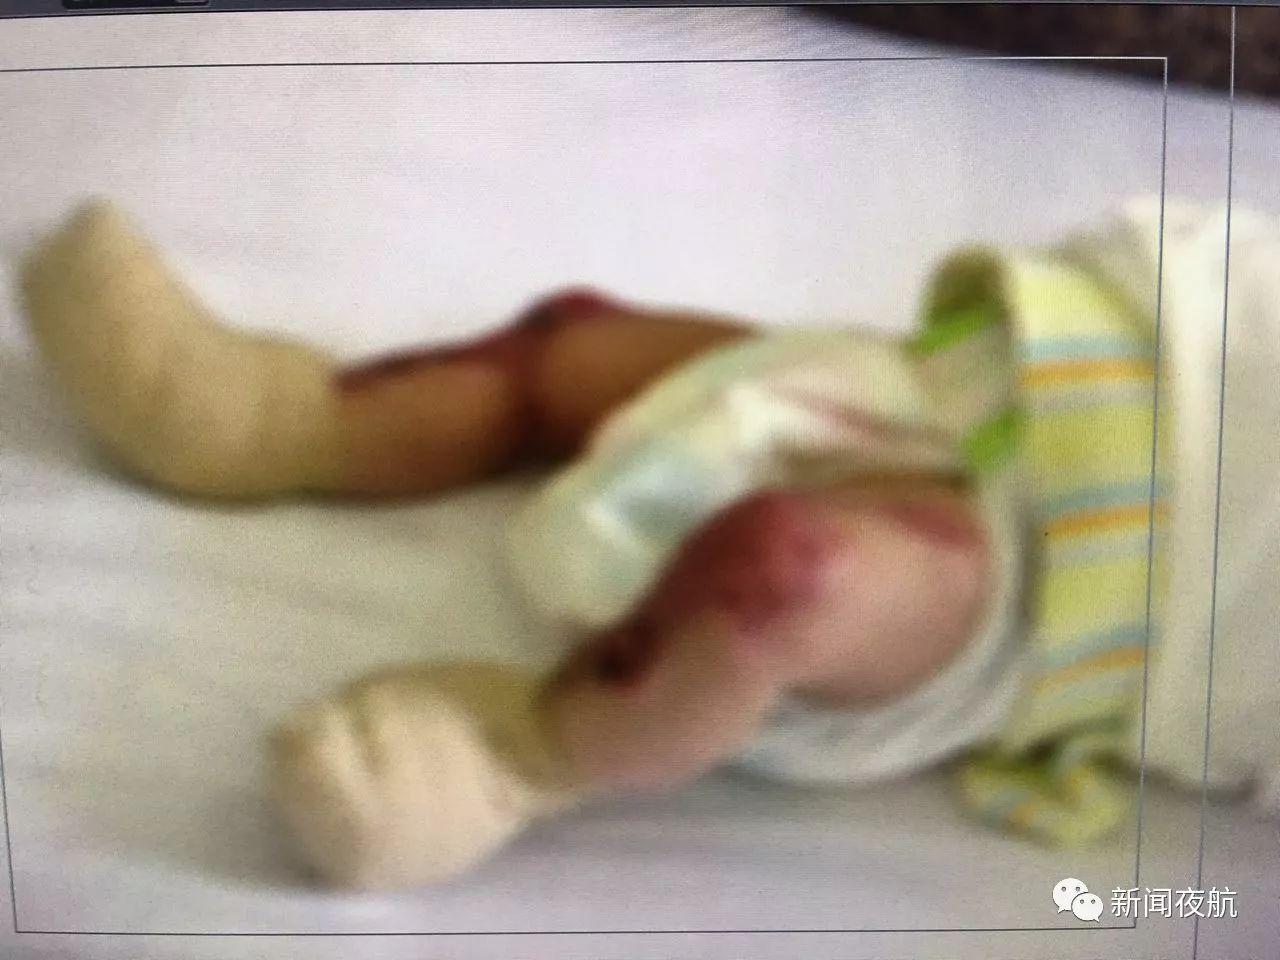 女婴罕见先天皮肤缺失 下肢双手肌肉暴露在外